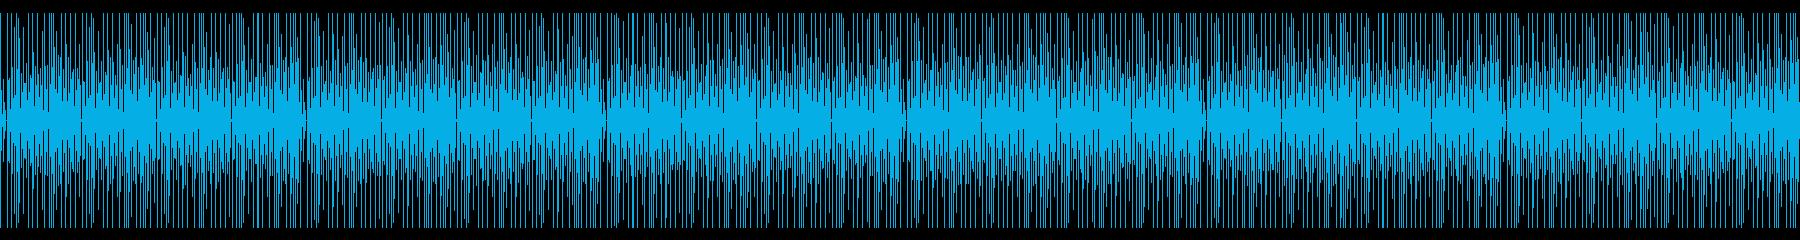 シンプルコミカルかわいい木琴BGMの再生済みの波形